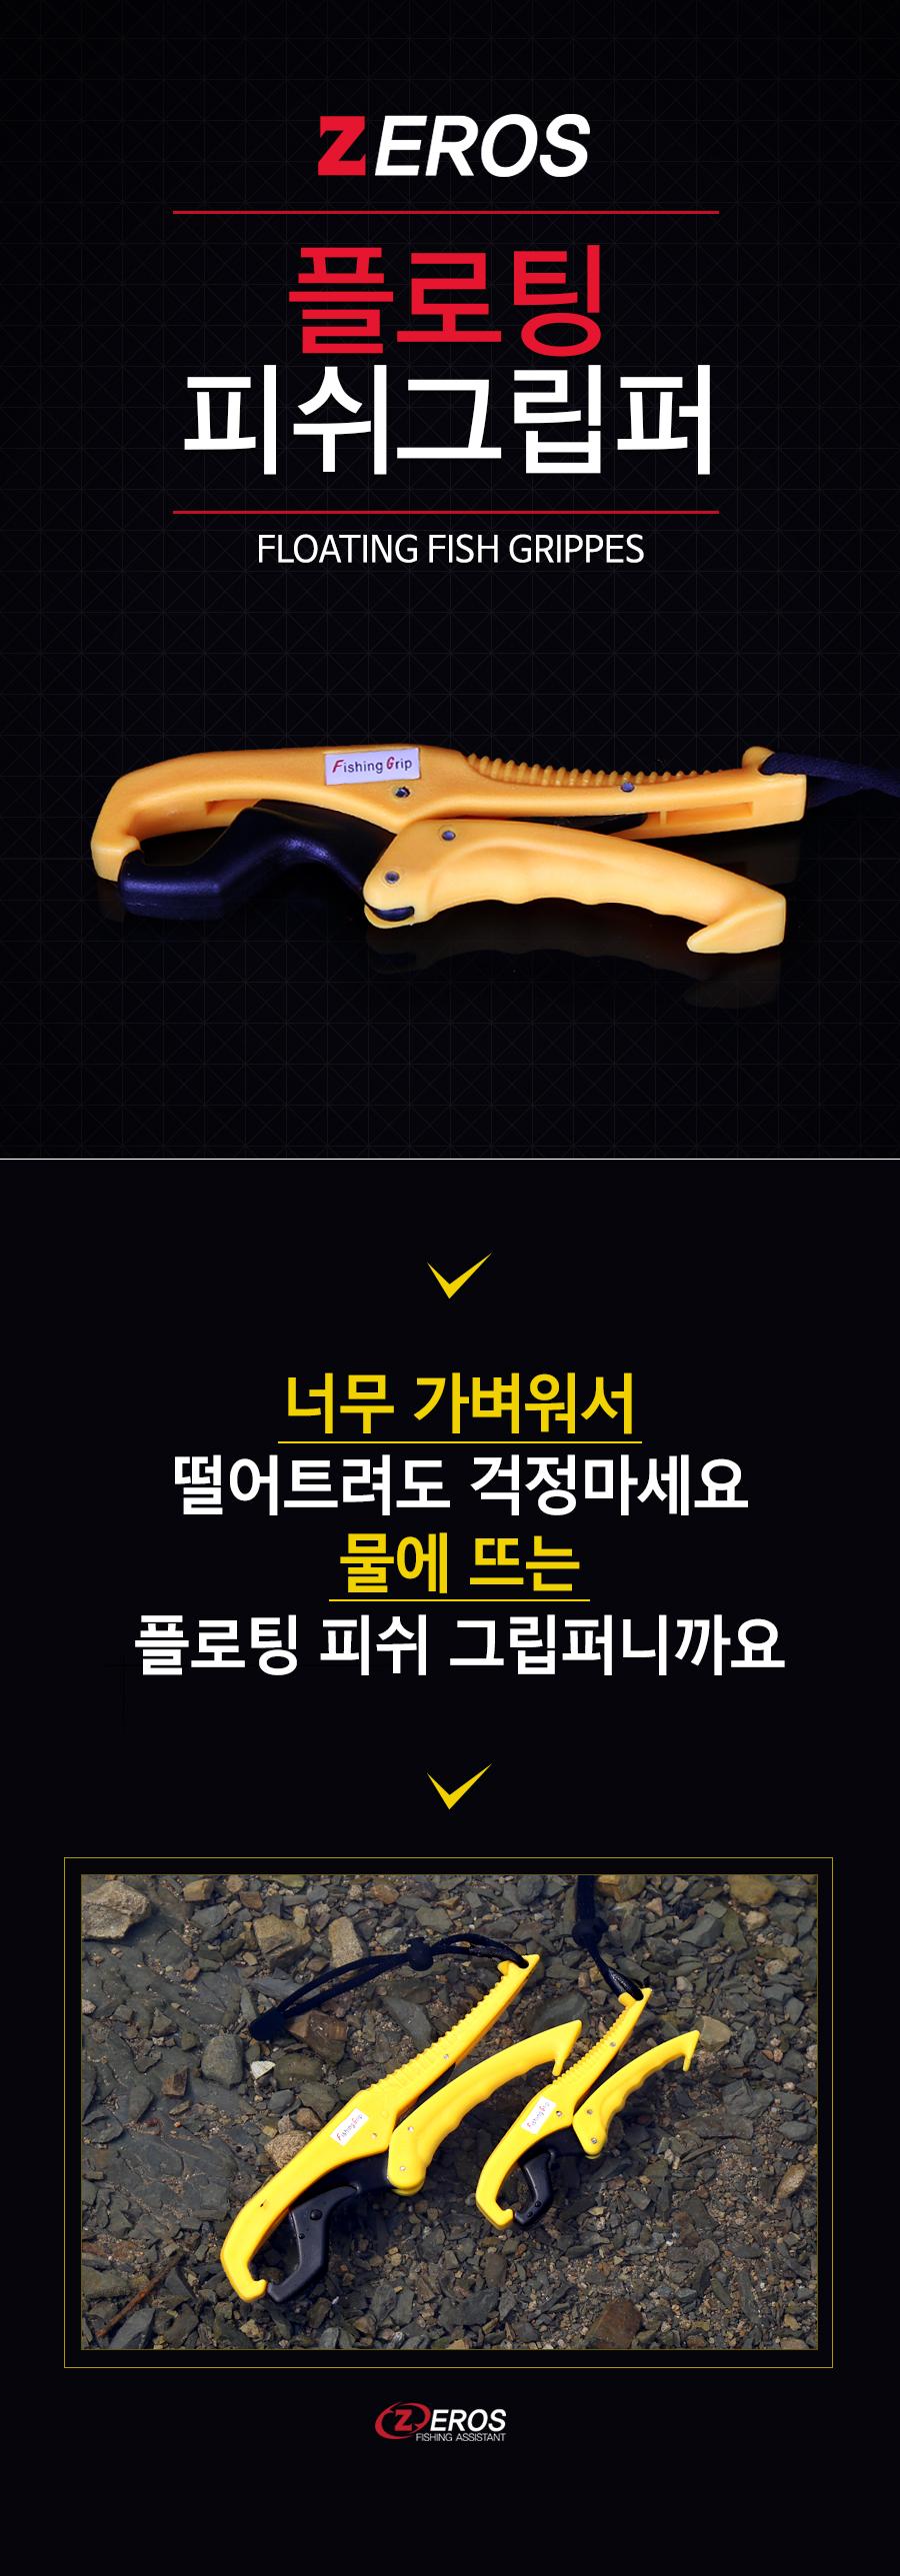 제로스 플로팅 피쉬그립퍼 (ZE-1645/2570) 립그립 그립 고기집게 배스 농어 가물치 삼치 쏘가리